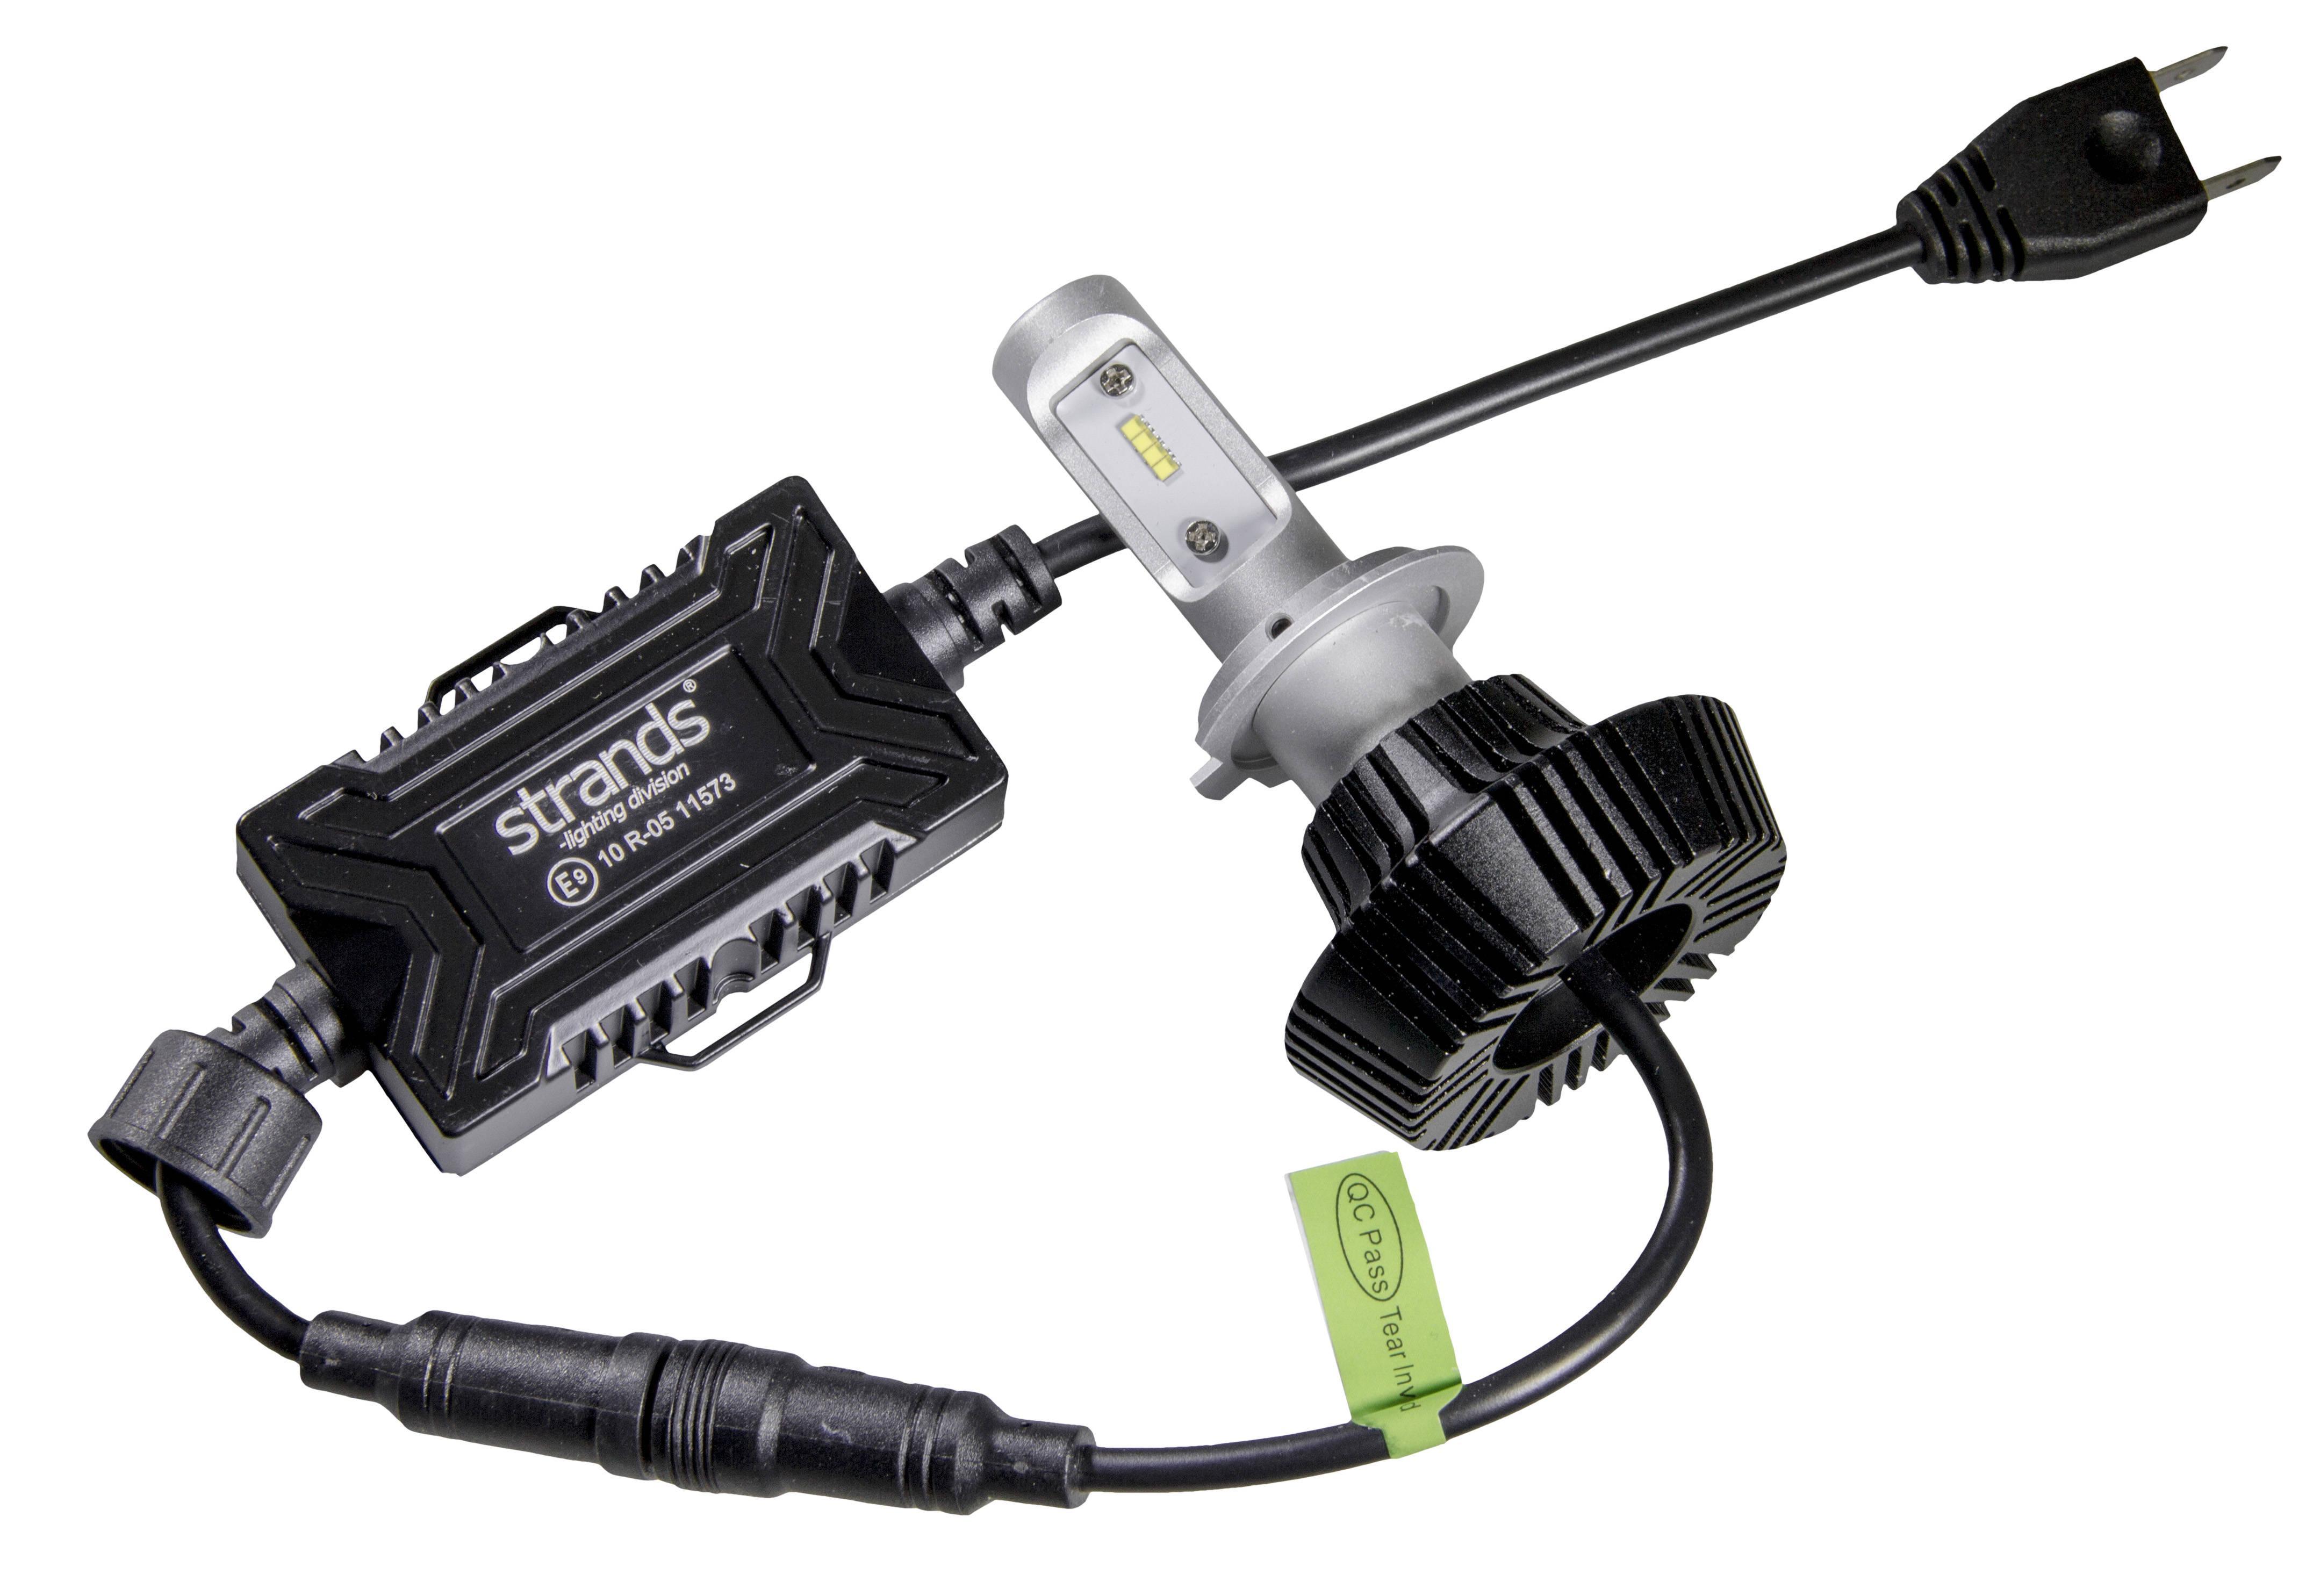 280807 STRANDS H7 12-24VLED Glühlampe, Fernscheinwerfer 280807 günstig kaufen